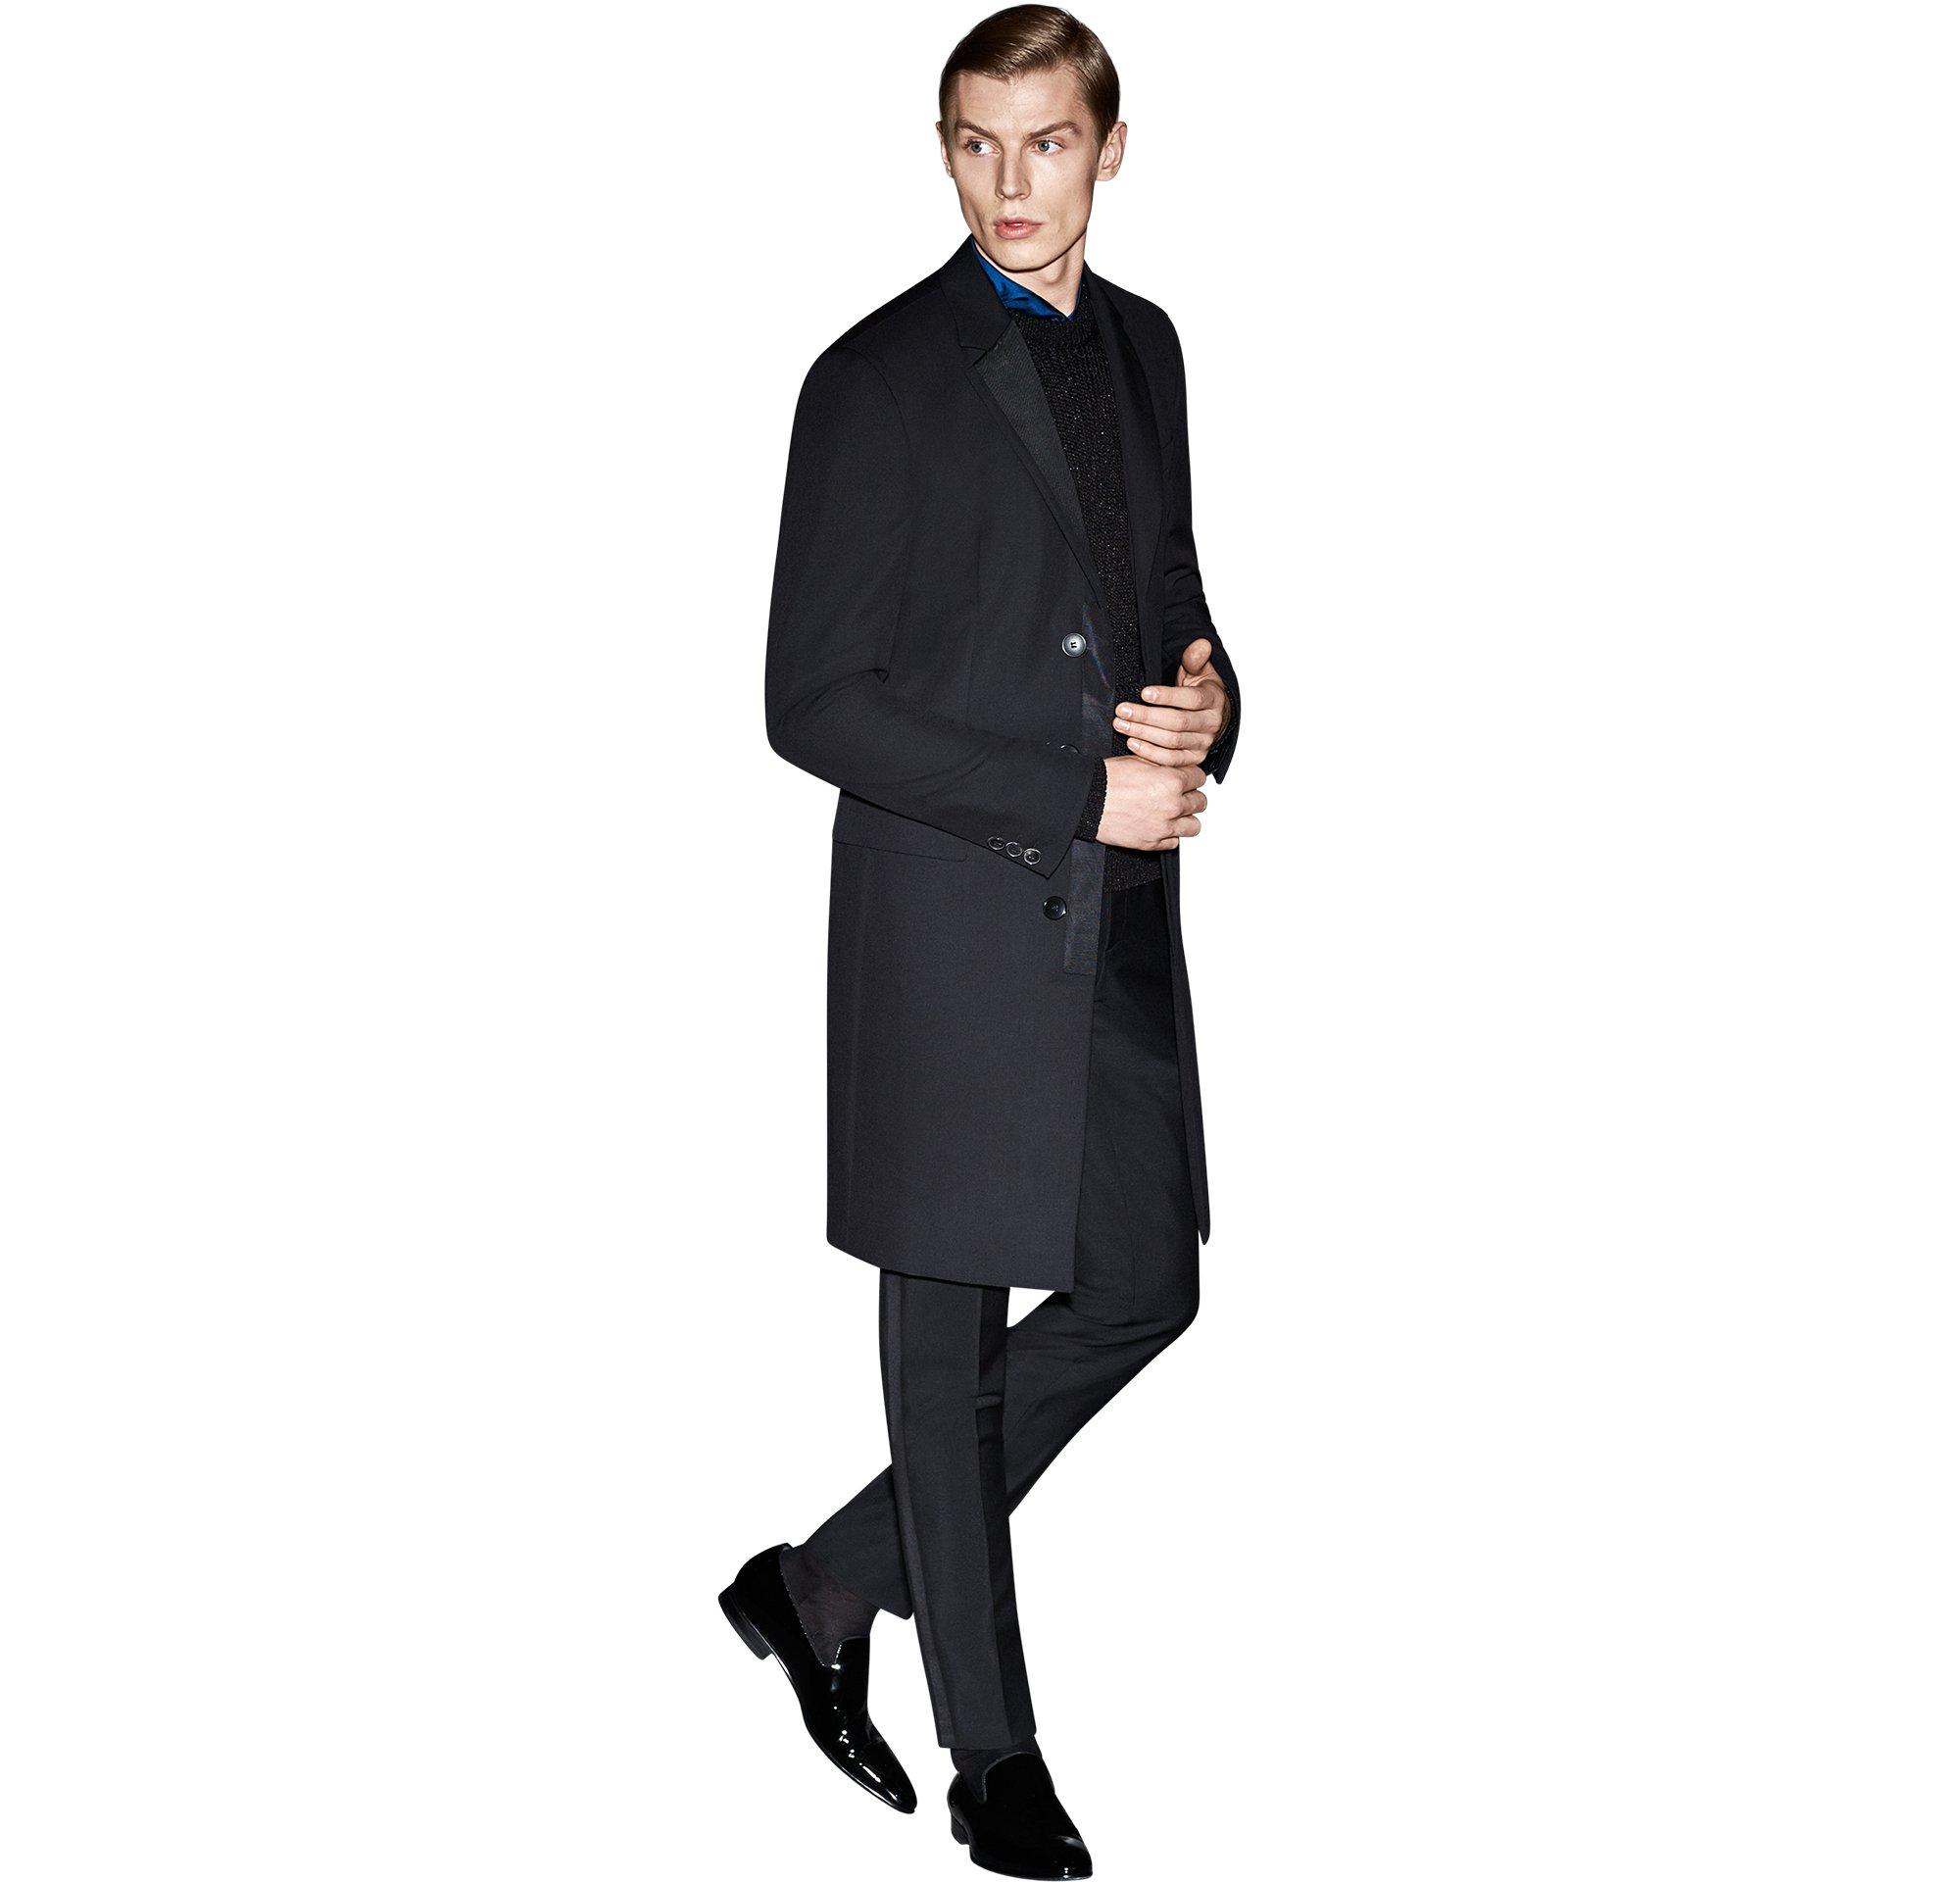 Schwarzer Mantel über schwarzem Strickoberteil und blauem Hemd und schwarze Schuhe von BOSS